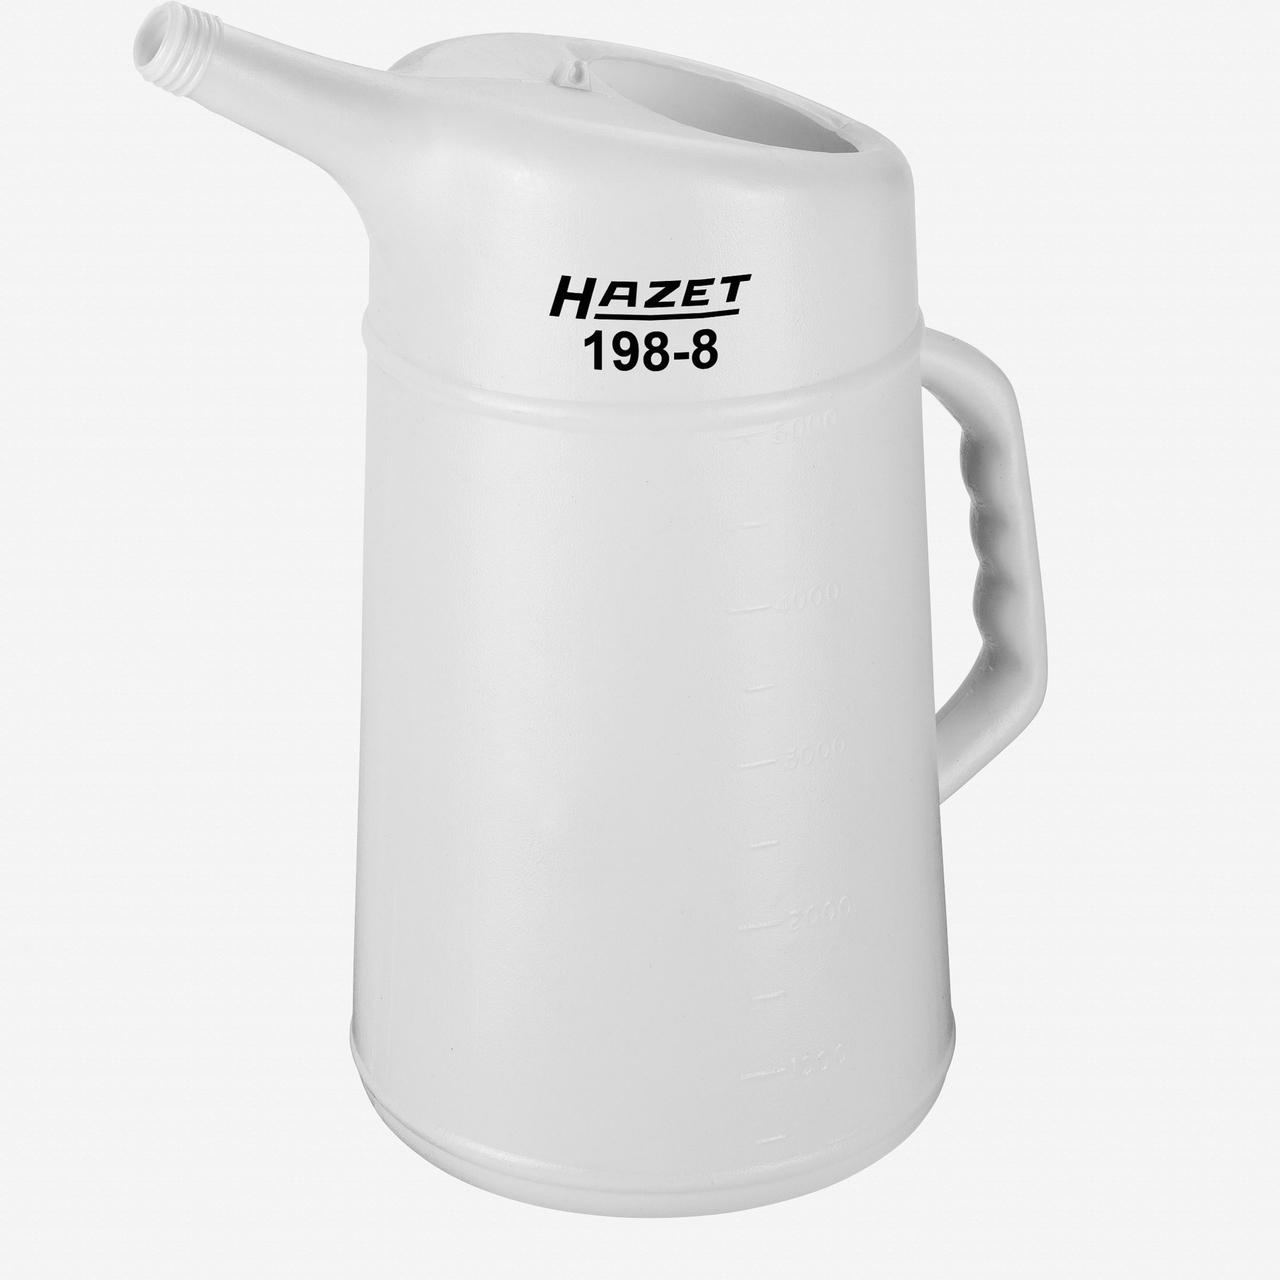 Hazet 198-8 Measuring cup  - KC Tool